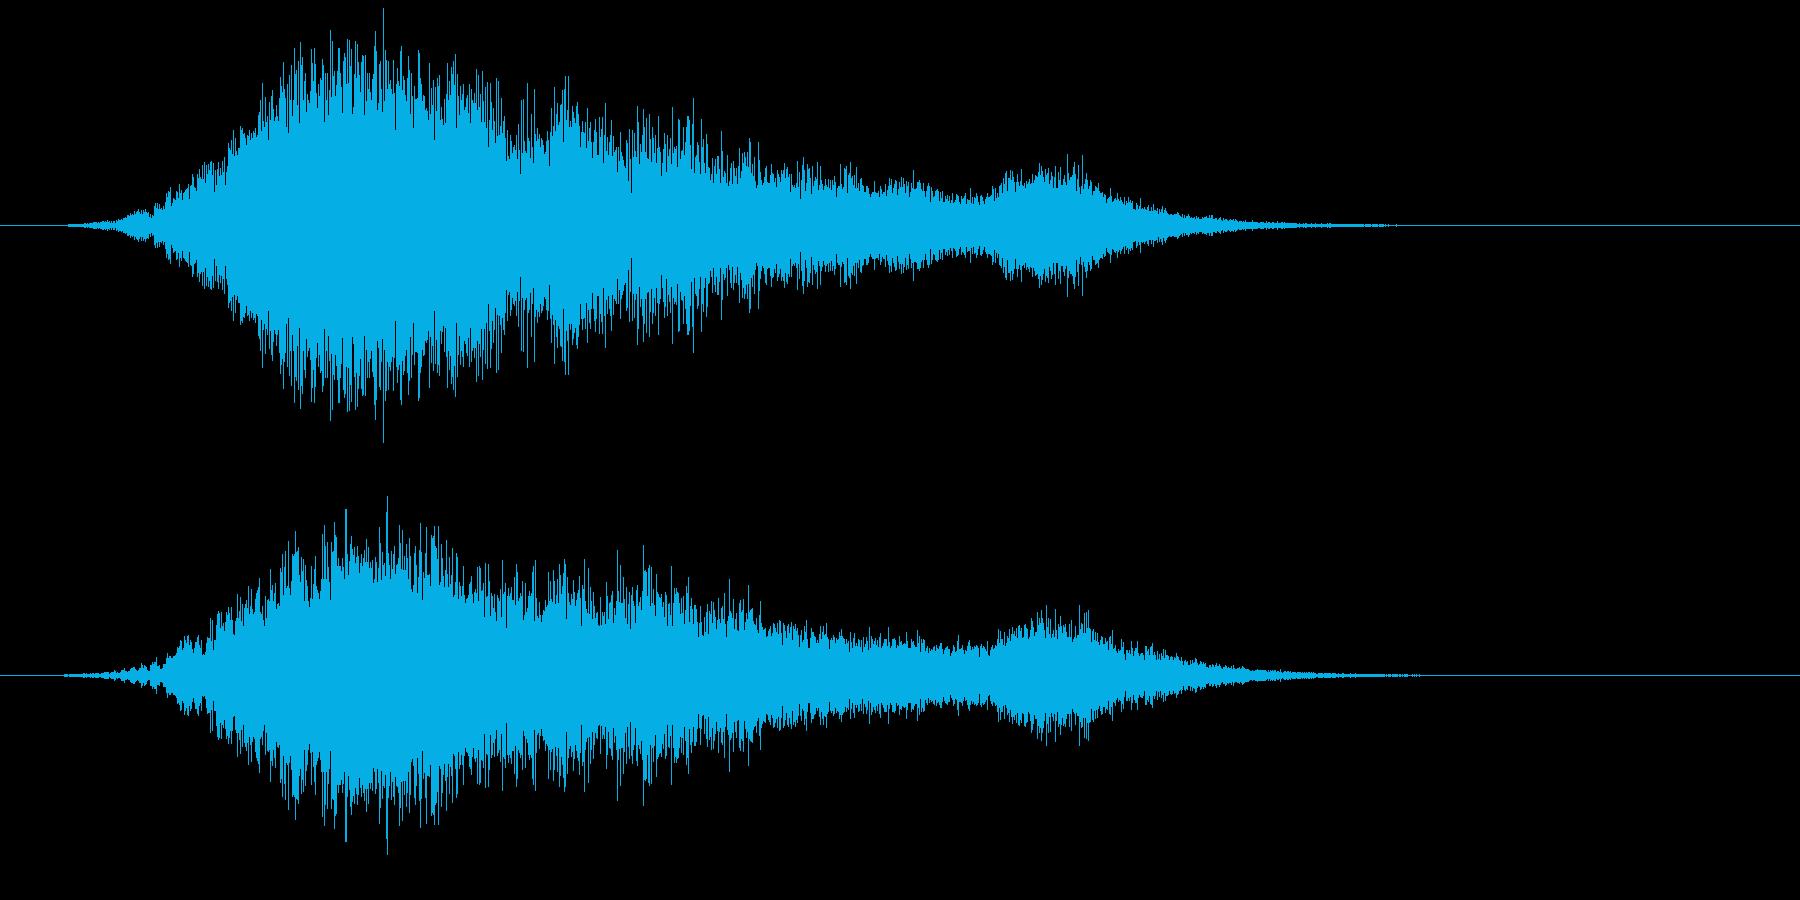 【ホラー】SFX_41 出没の再生済みの波形